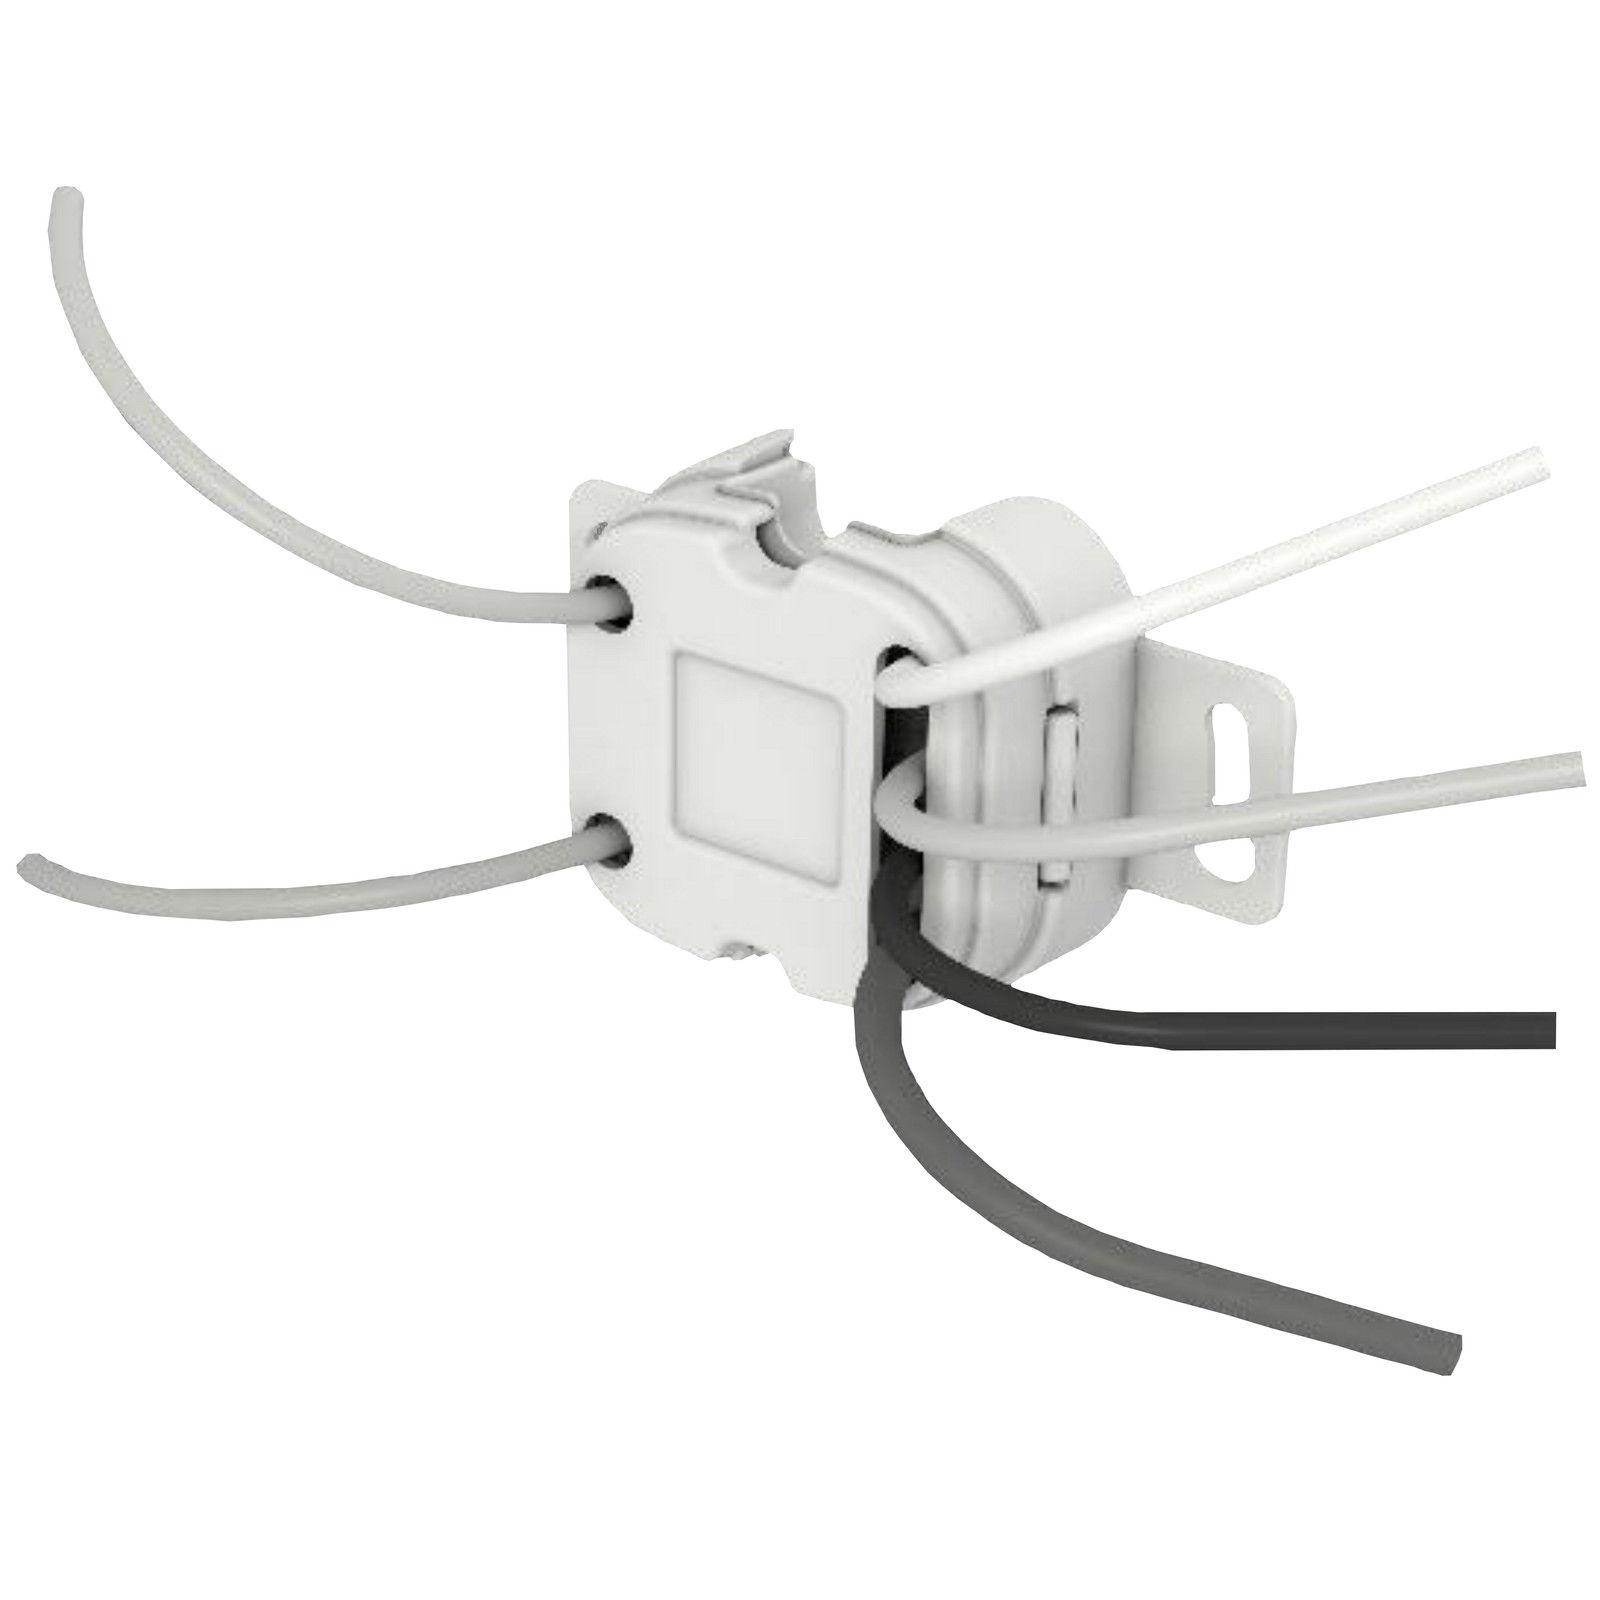 velux integra schalter interface klf 050 ww verbindung von bus io homecontrol kaufen bei. Black Bedroom Furniture Sets. Home Design Ideas